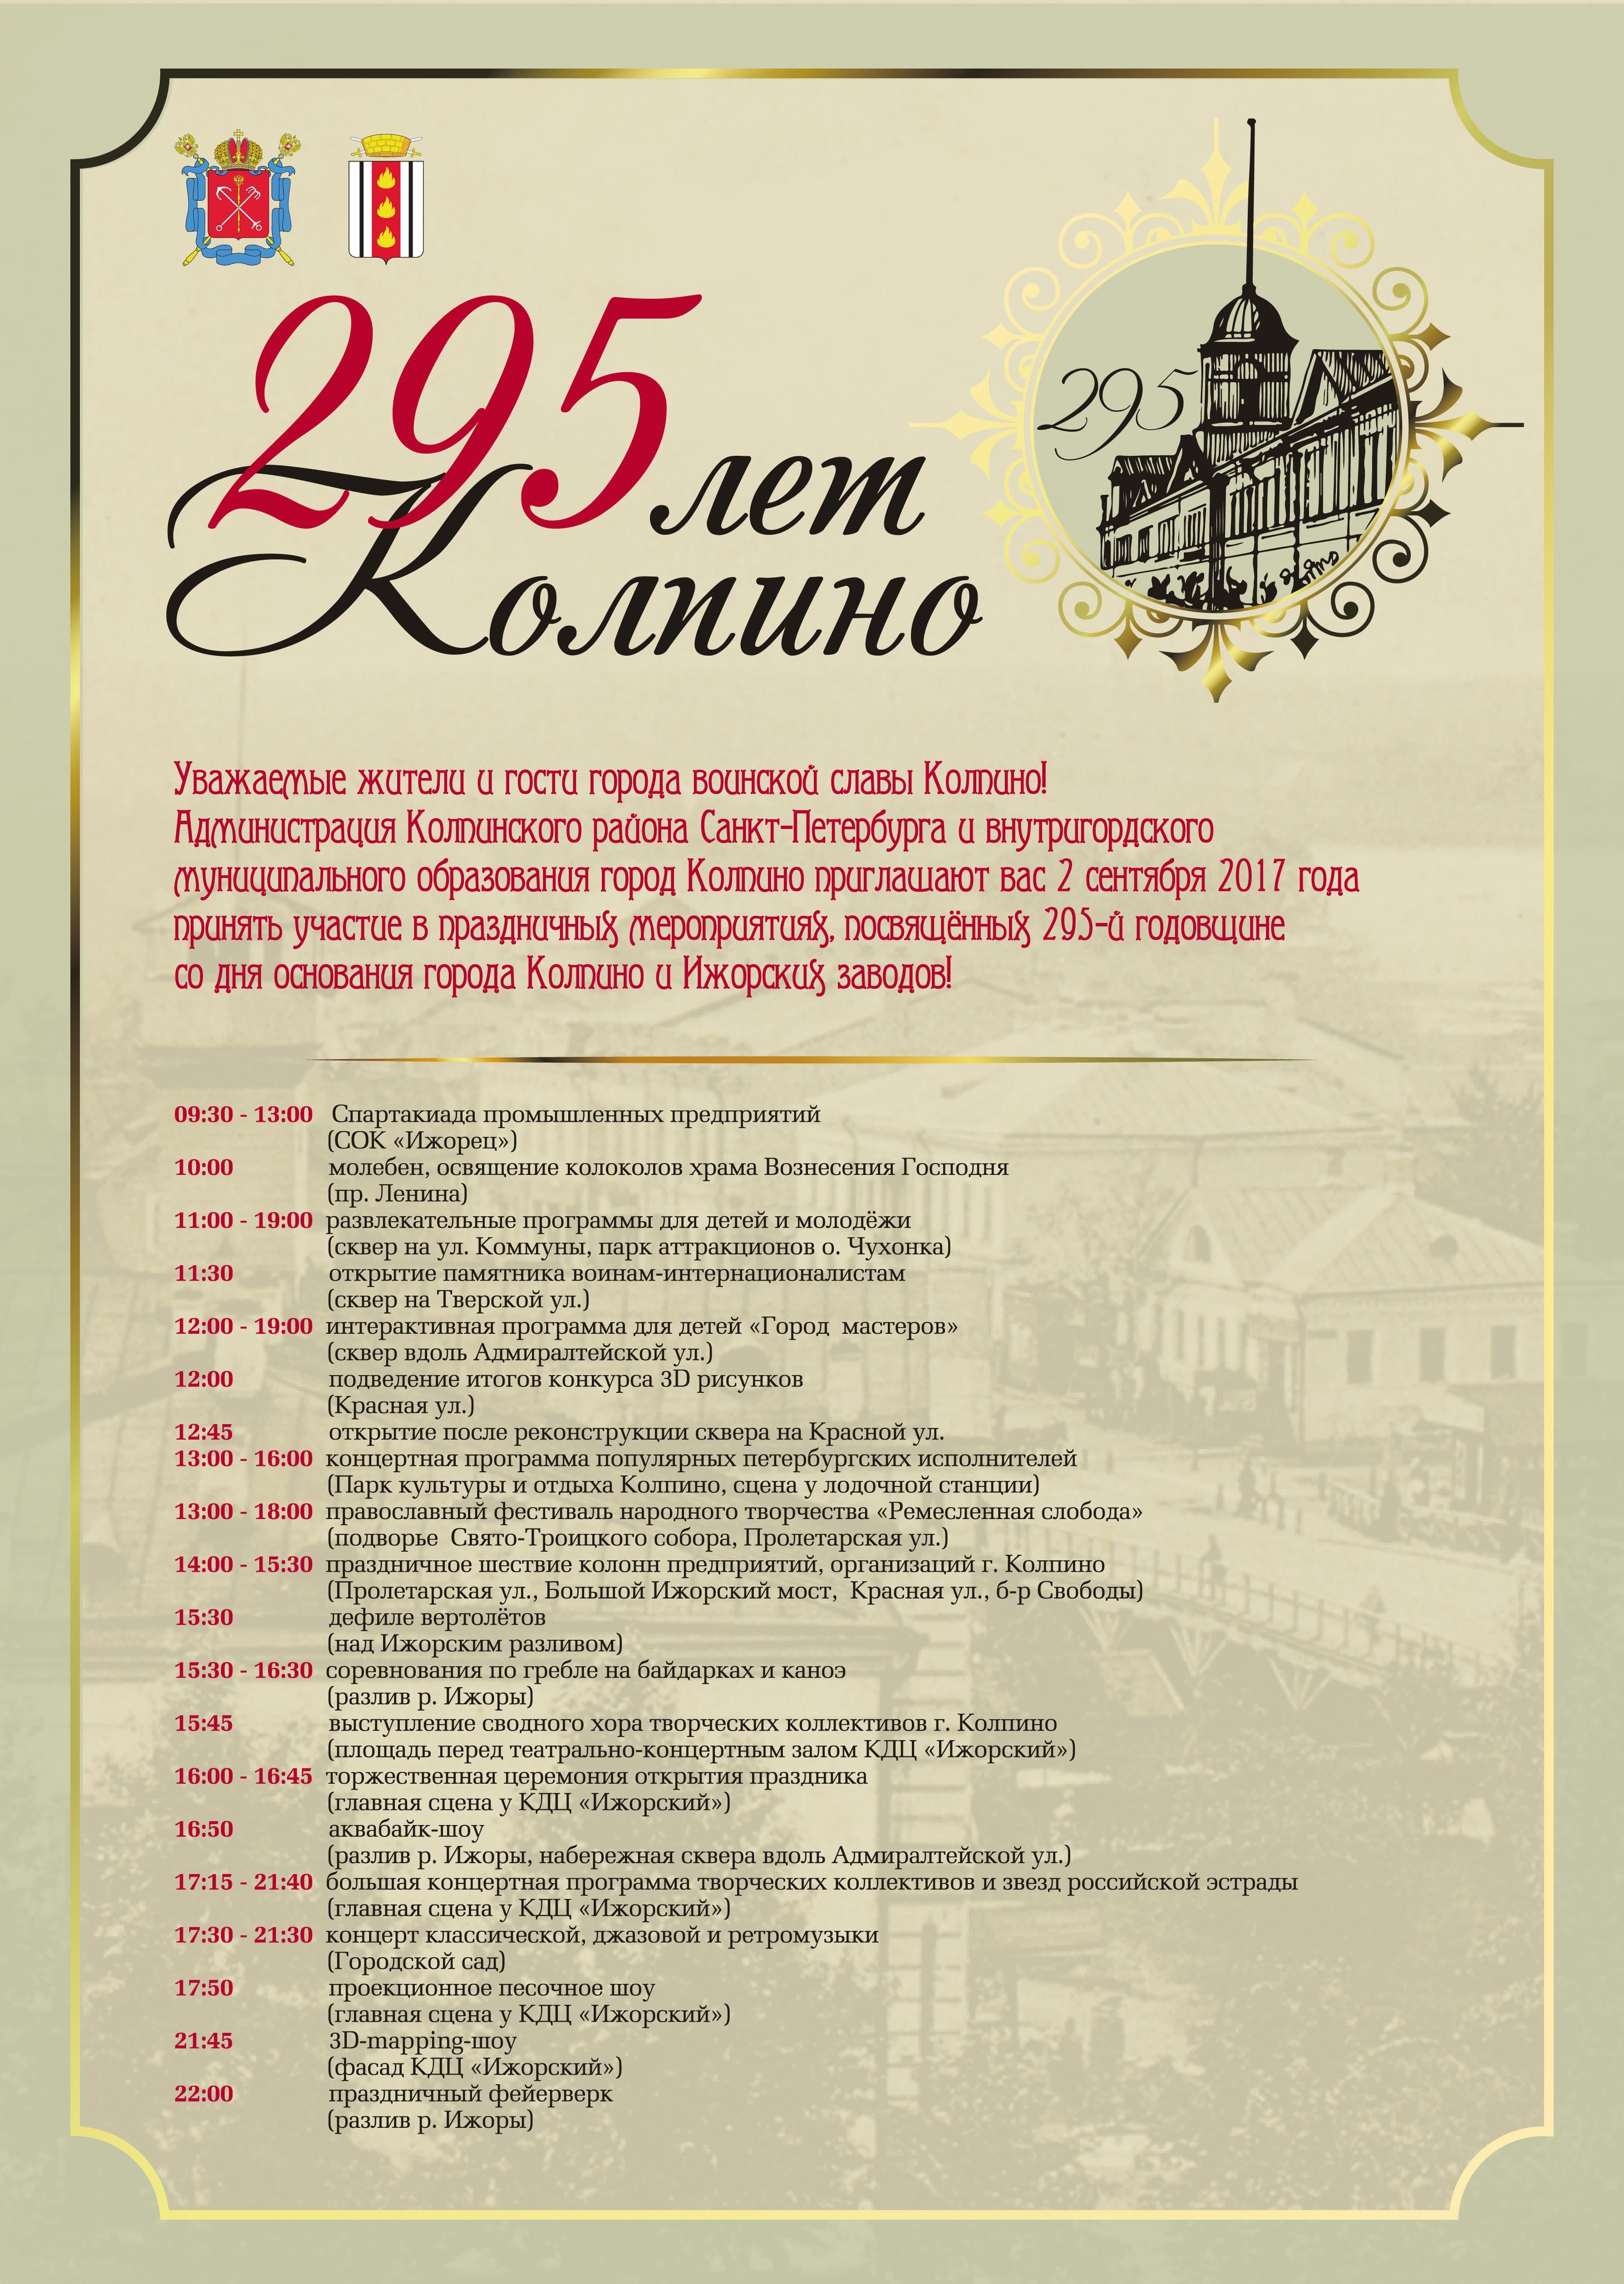 День города Колпино 2 сентября 2017 года - программа мероприятий, когда салют